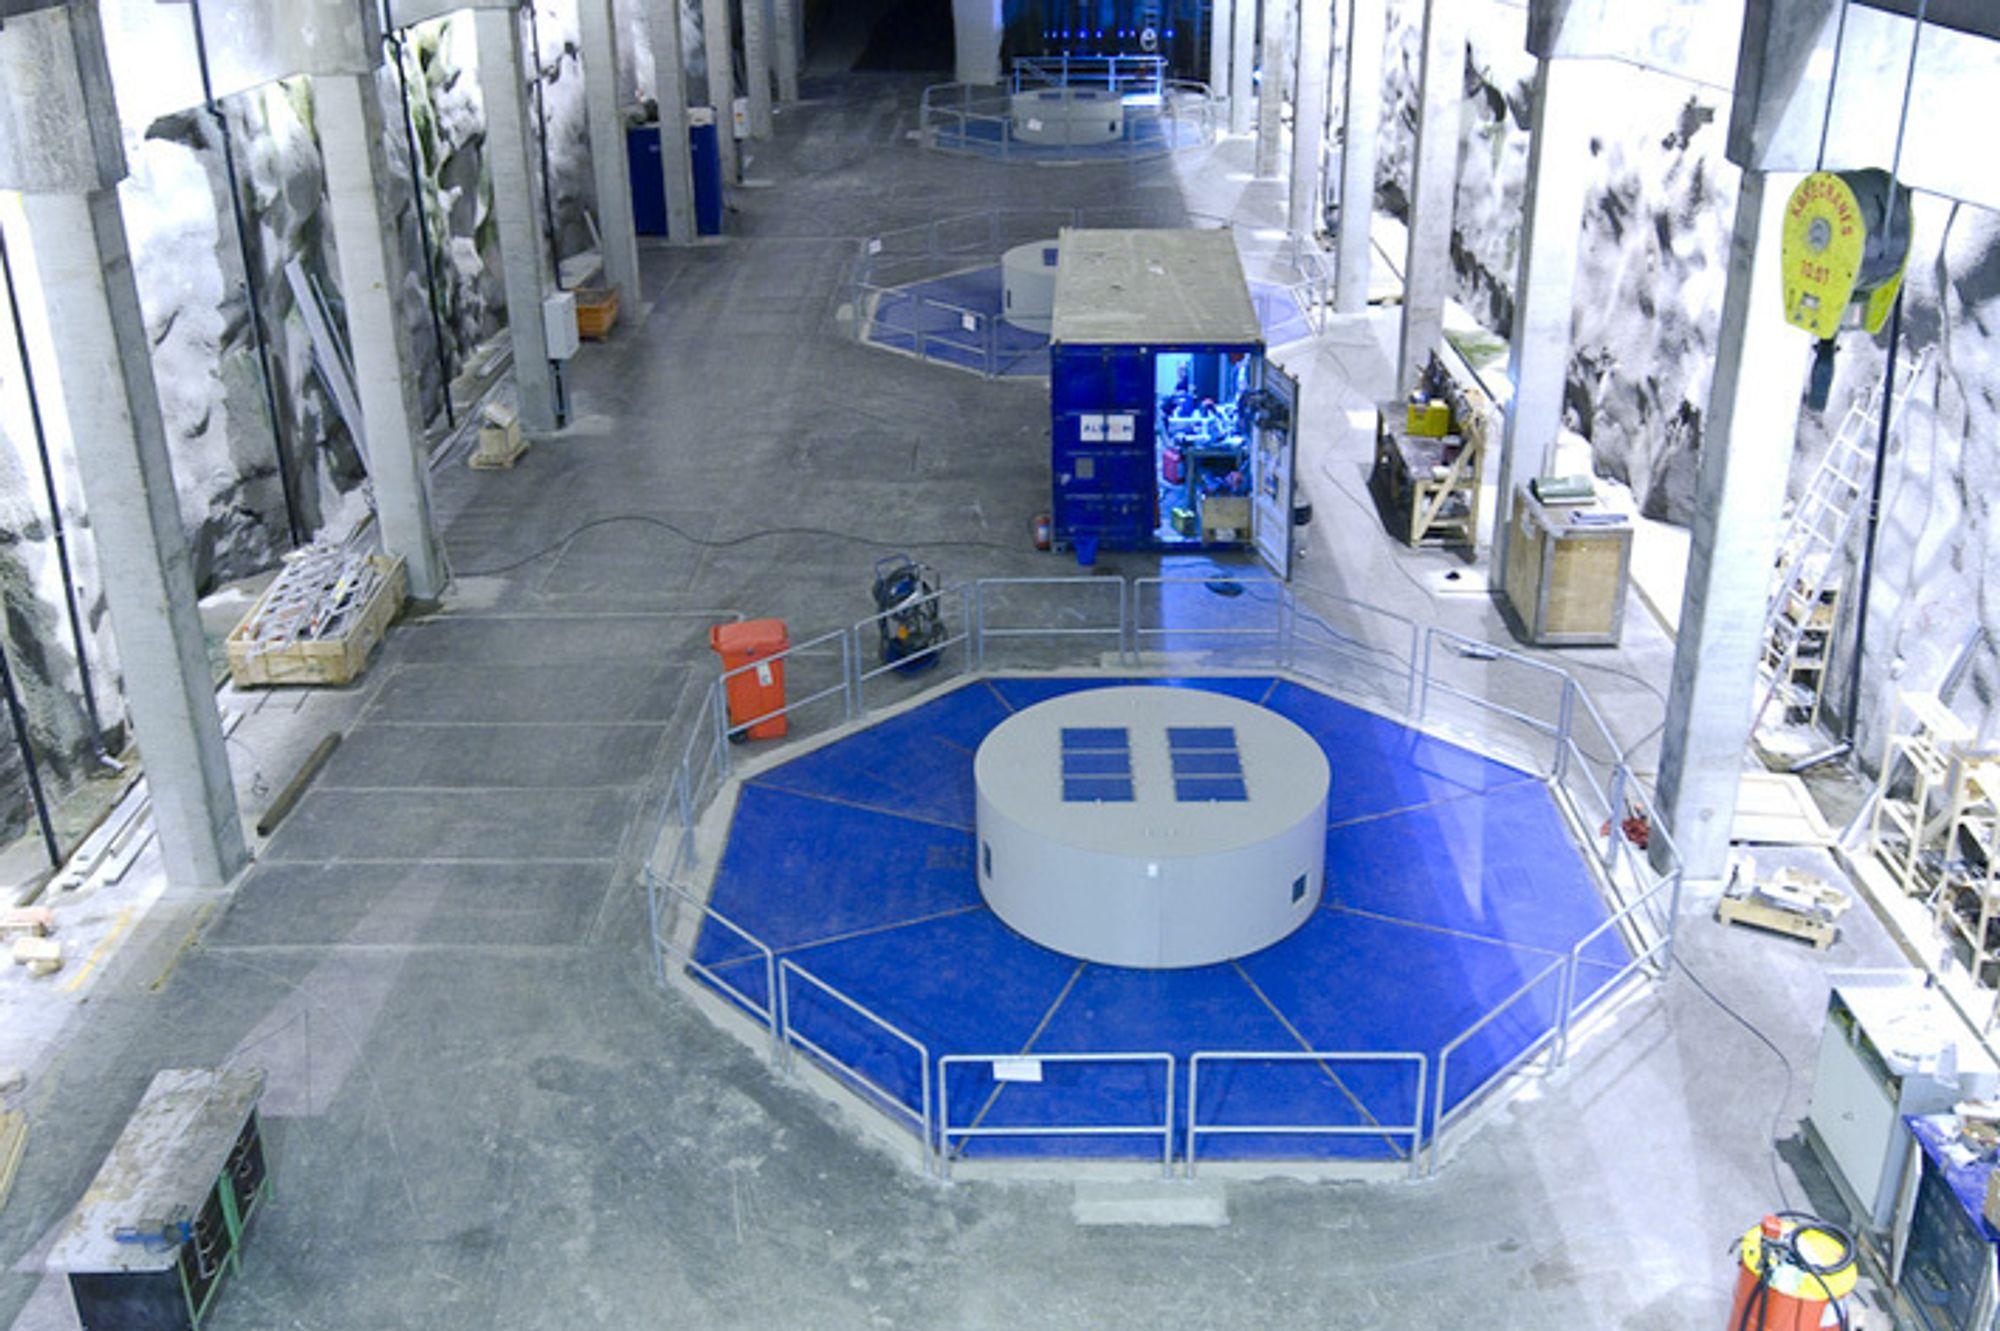 Sønnå kraftverk i Sauda åpnes av Terje Riis-Johansen i dag. Her fra maskinsaldekket i kraftstasjonshallen.